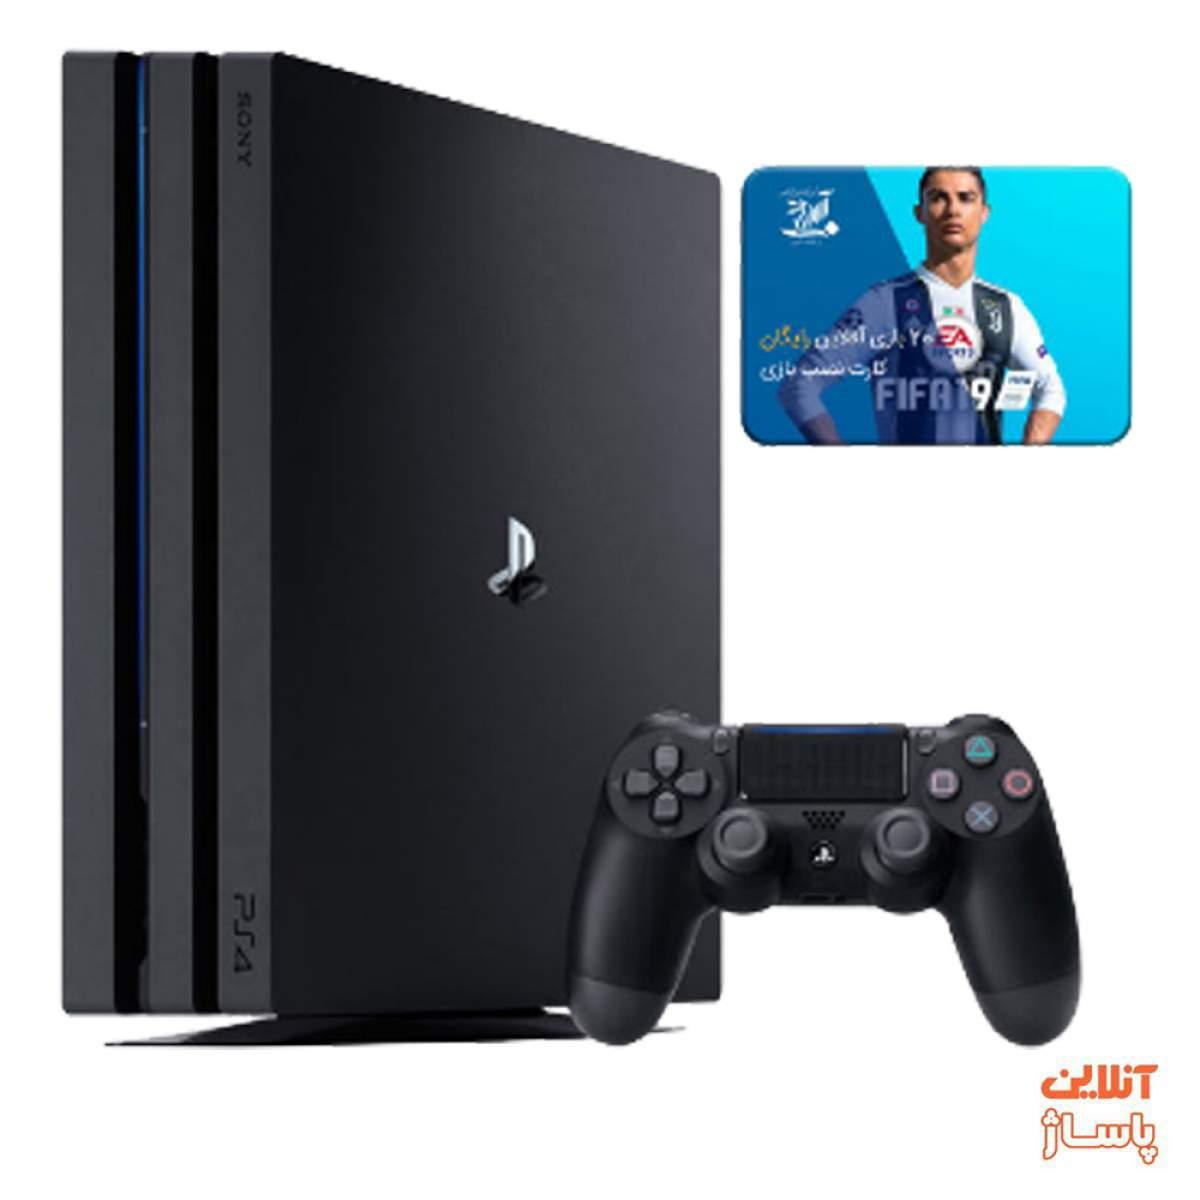 کنسول بازی سونی مدل Playstation 4 Pro کد CUH-7216B Region 2 ظرفیت 1 ترابایت به مراه 20 عدد بازی 2019